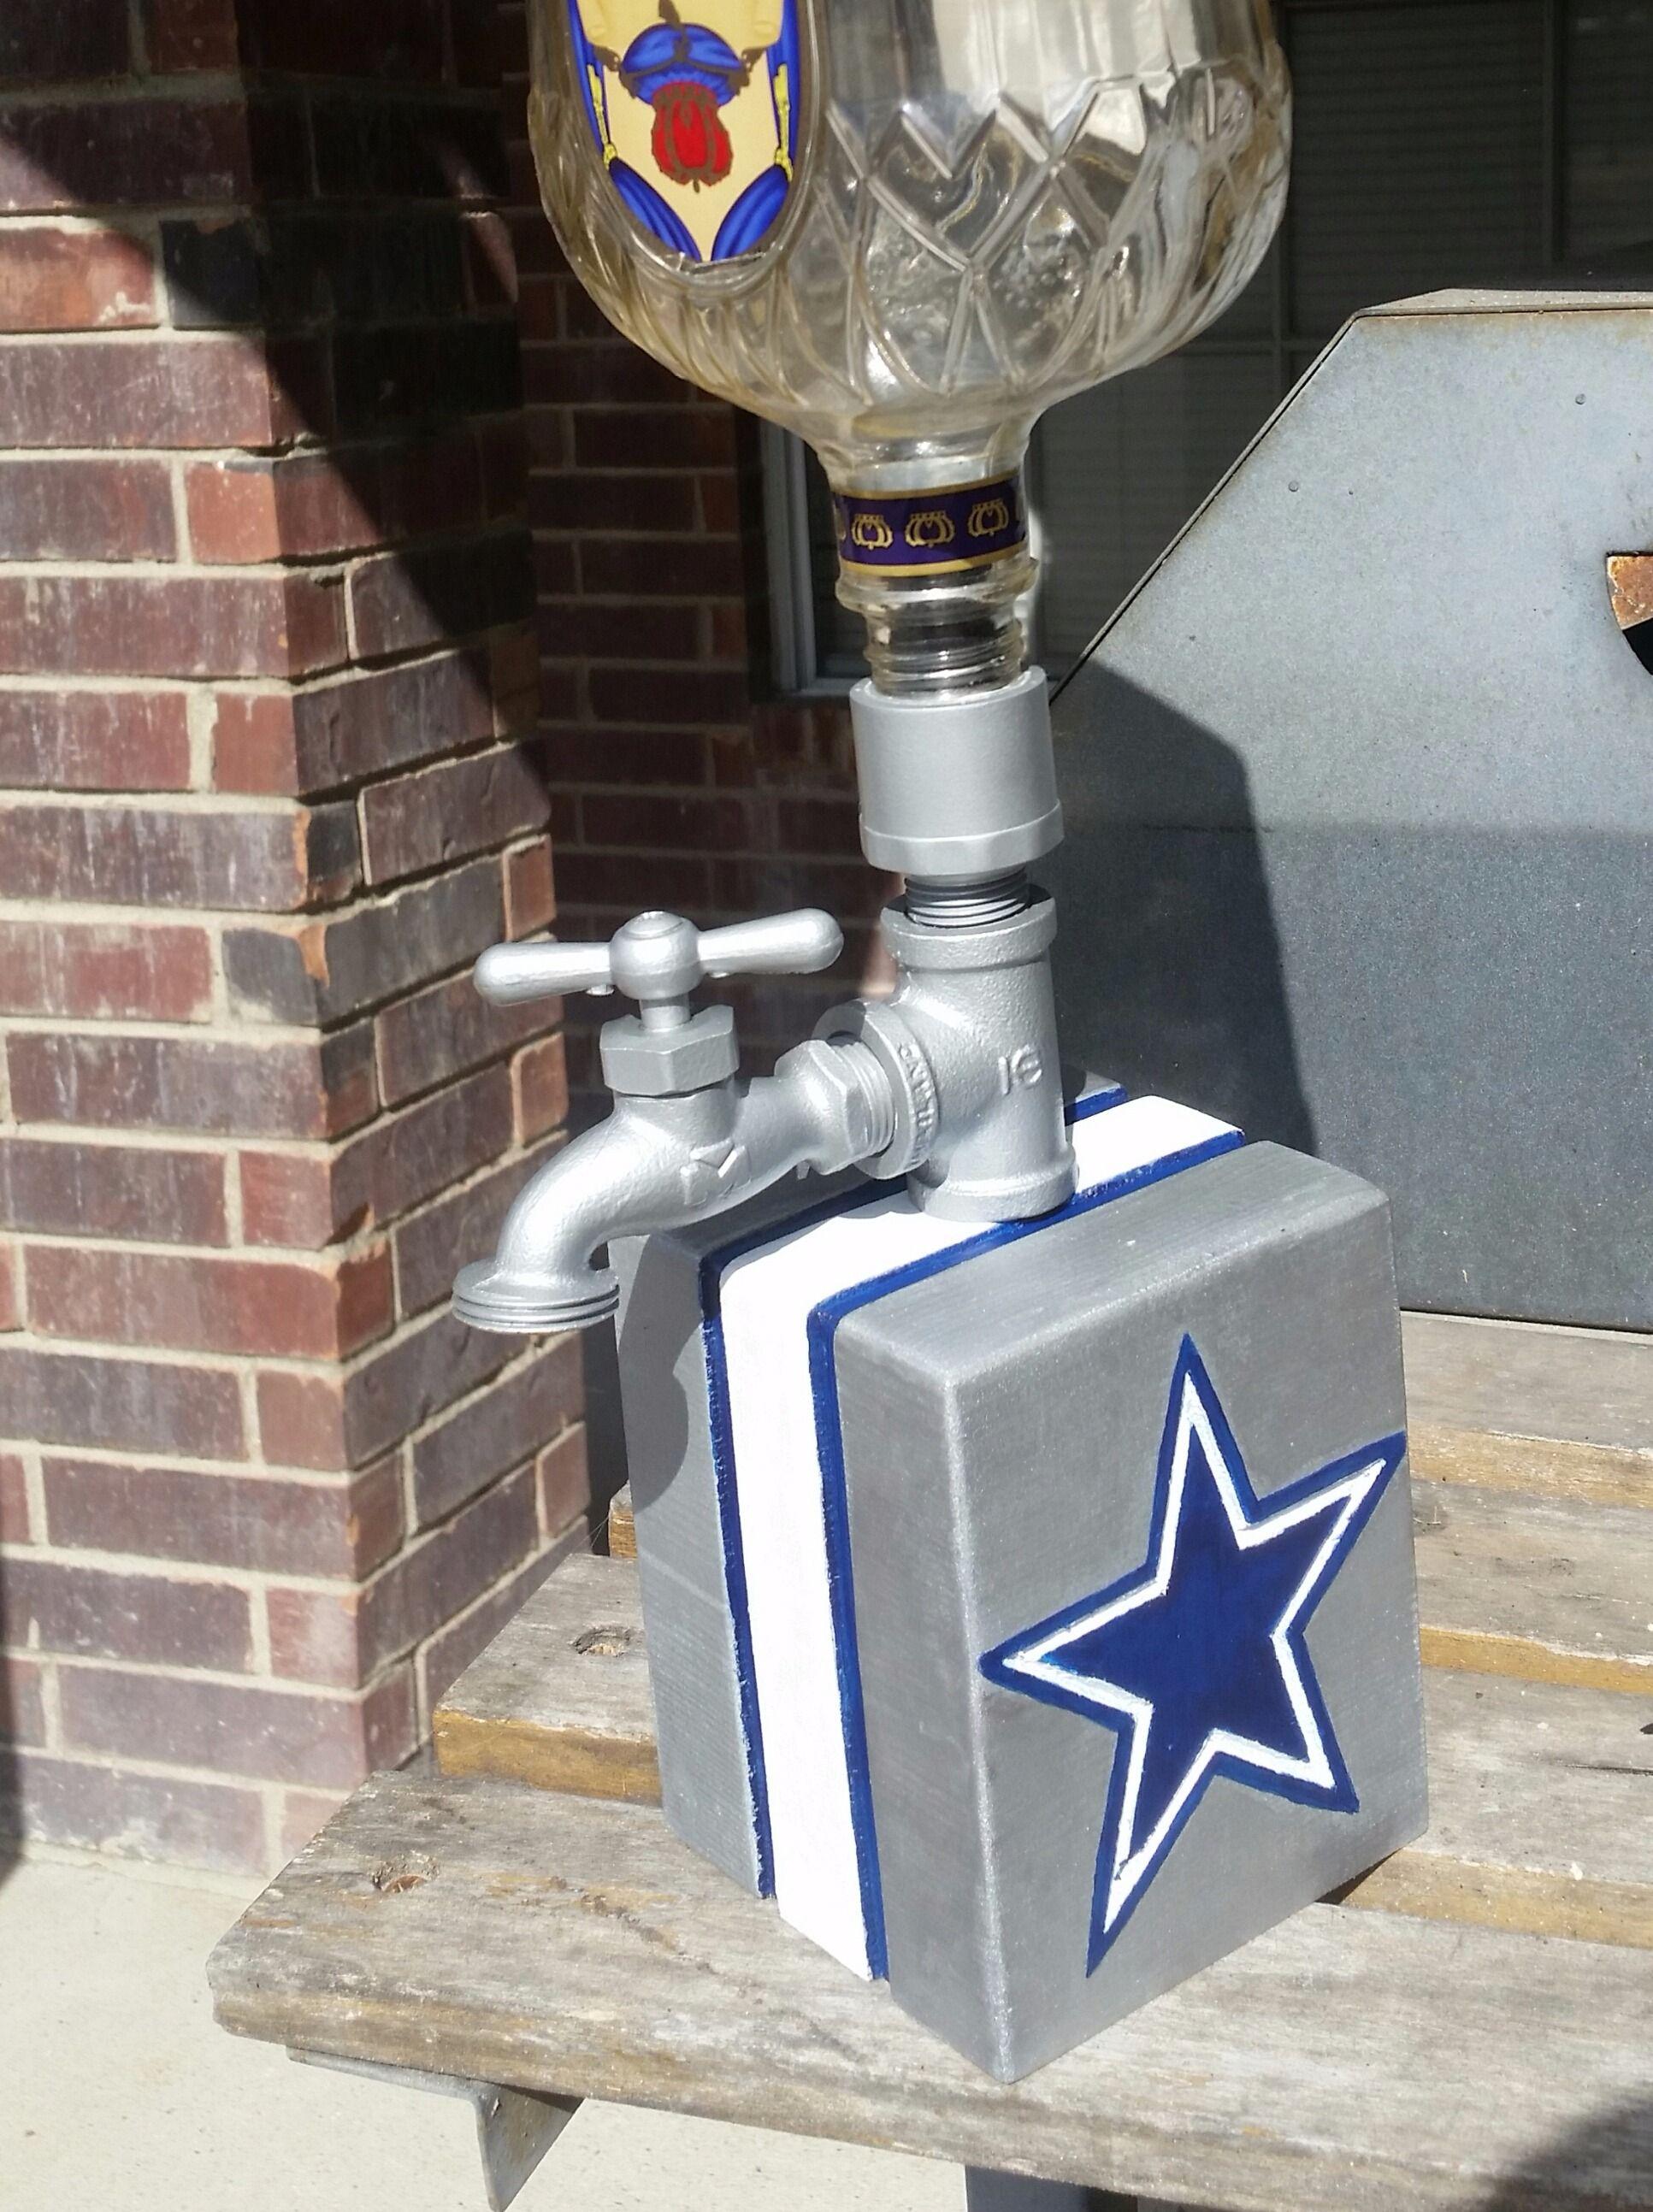 Sports Team Liquor Dispenser | For the Home | Pinterest | Liquor ...